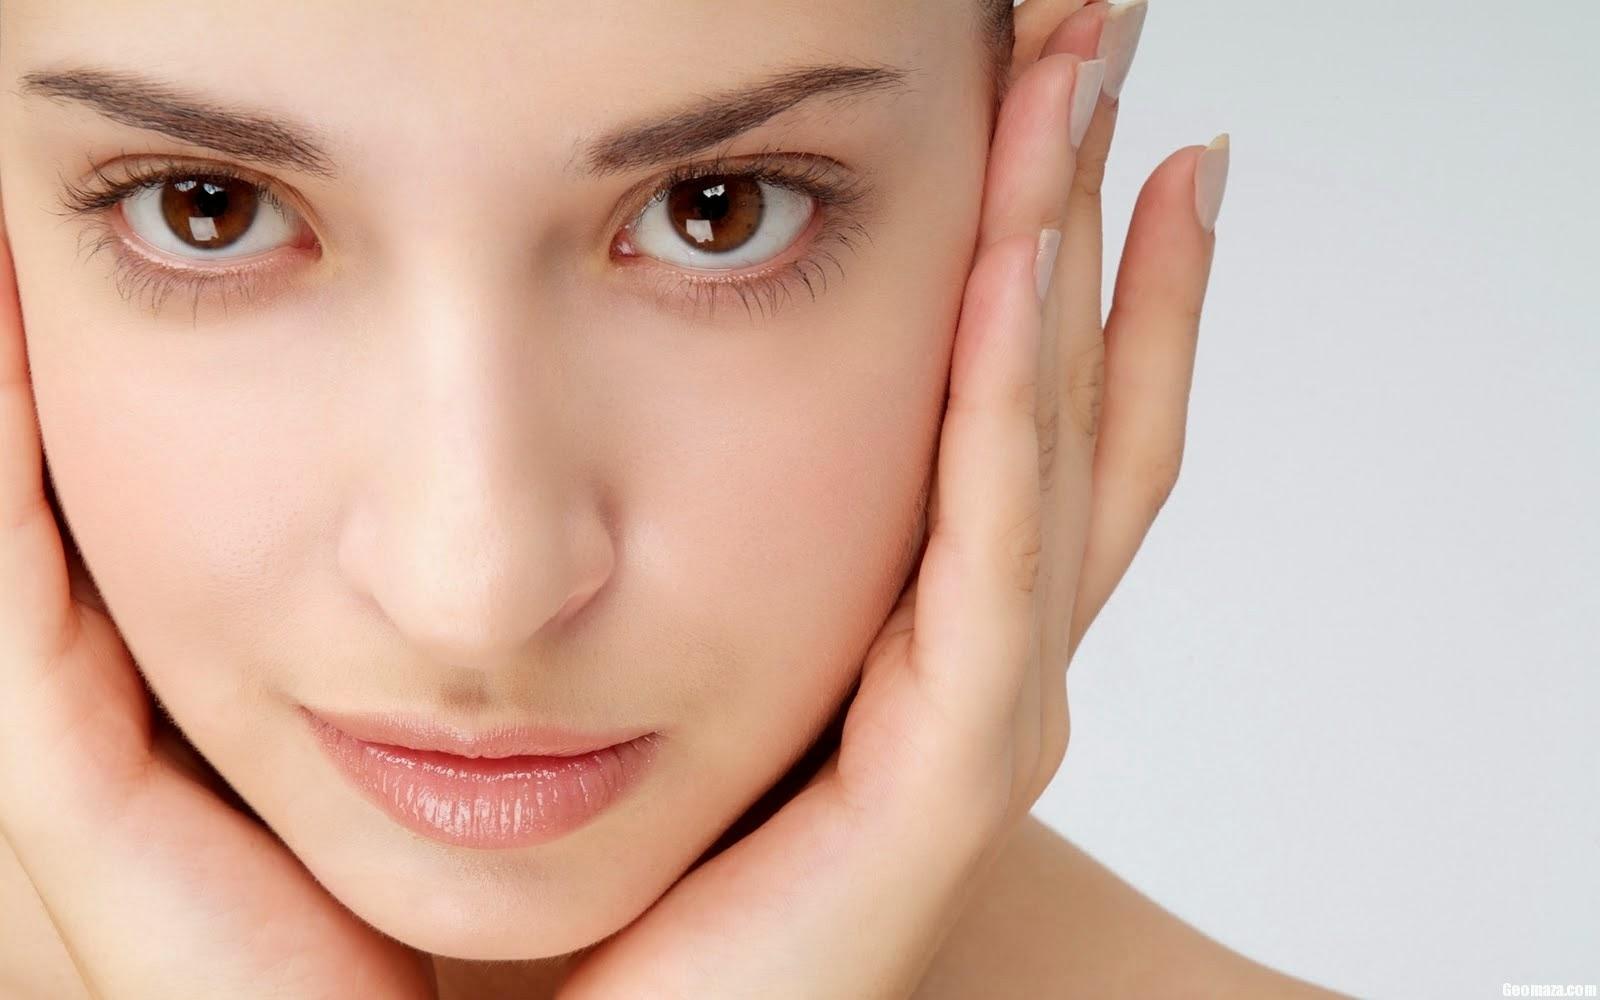 Как поправиться на лицо, чтобы щечки появились (что сделать и) 73